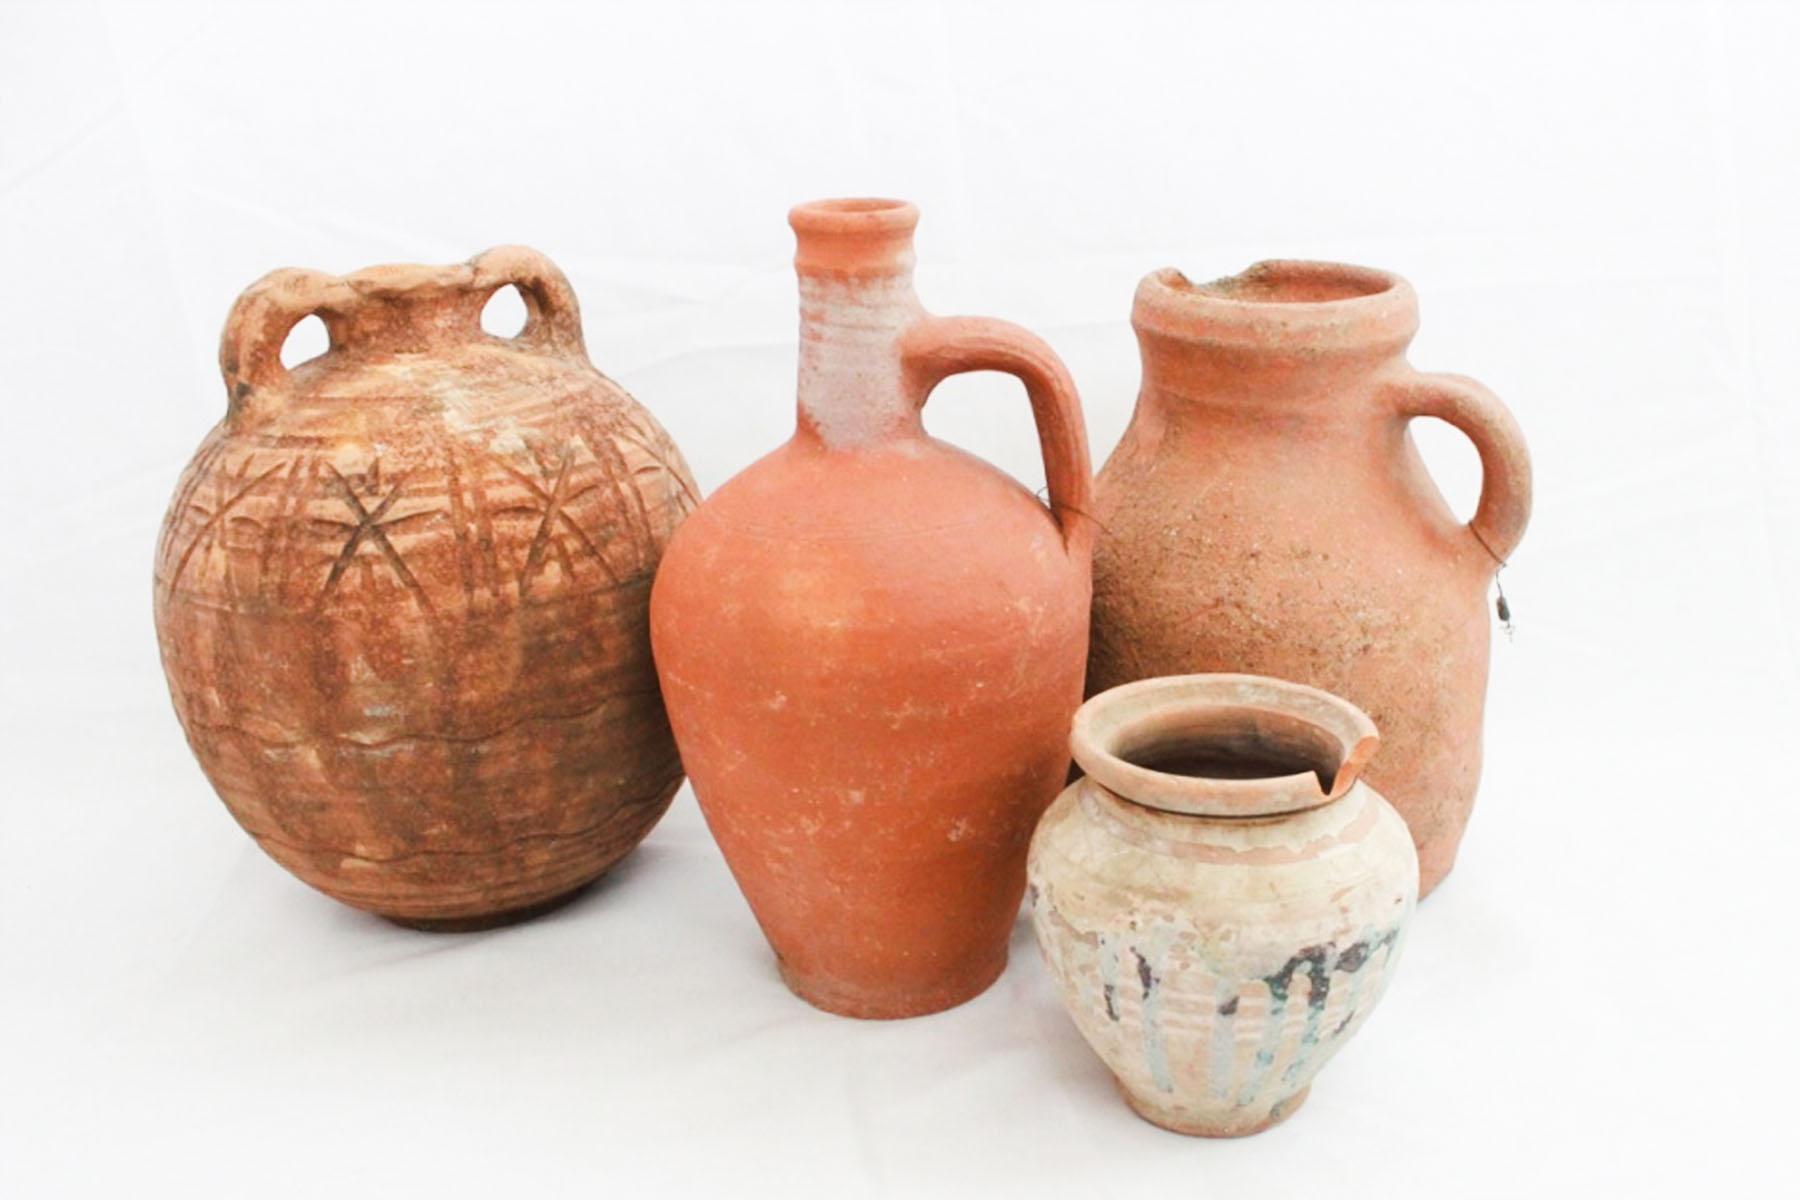 Turkish Pottery - Scavenged Vintage